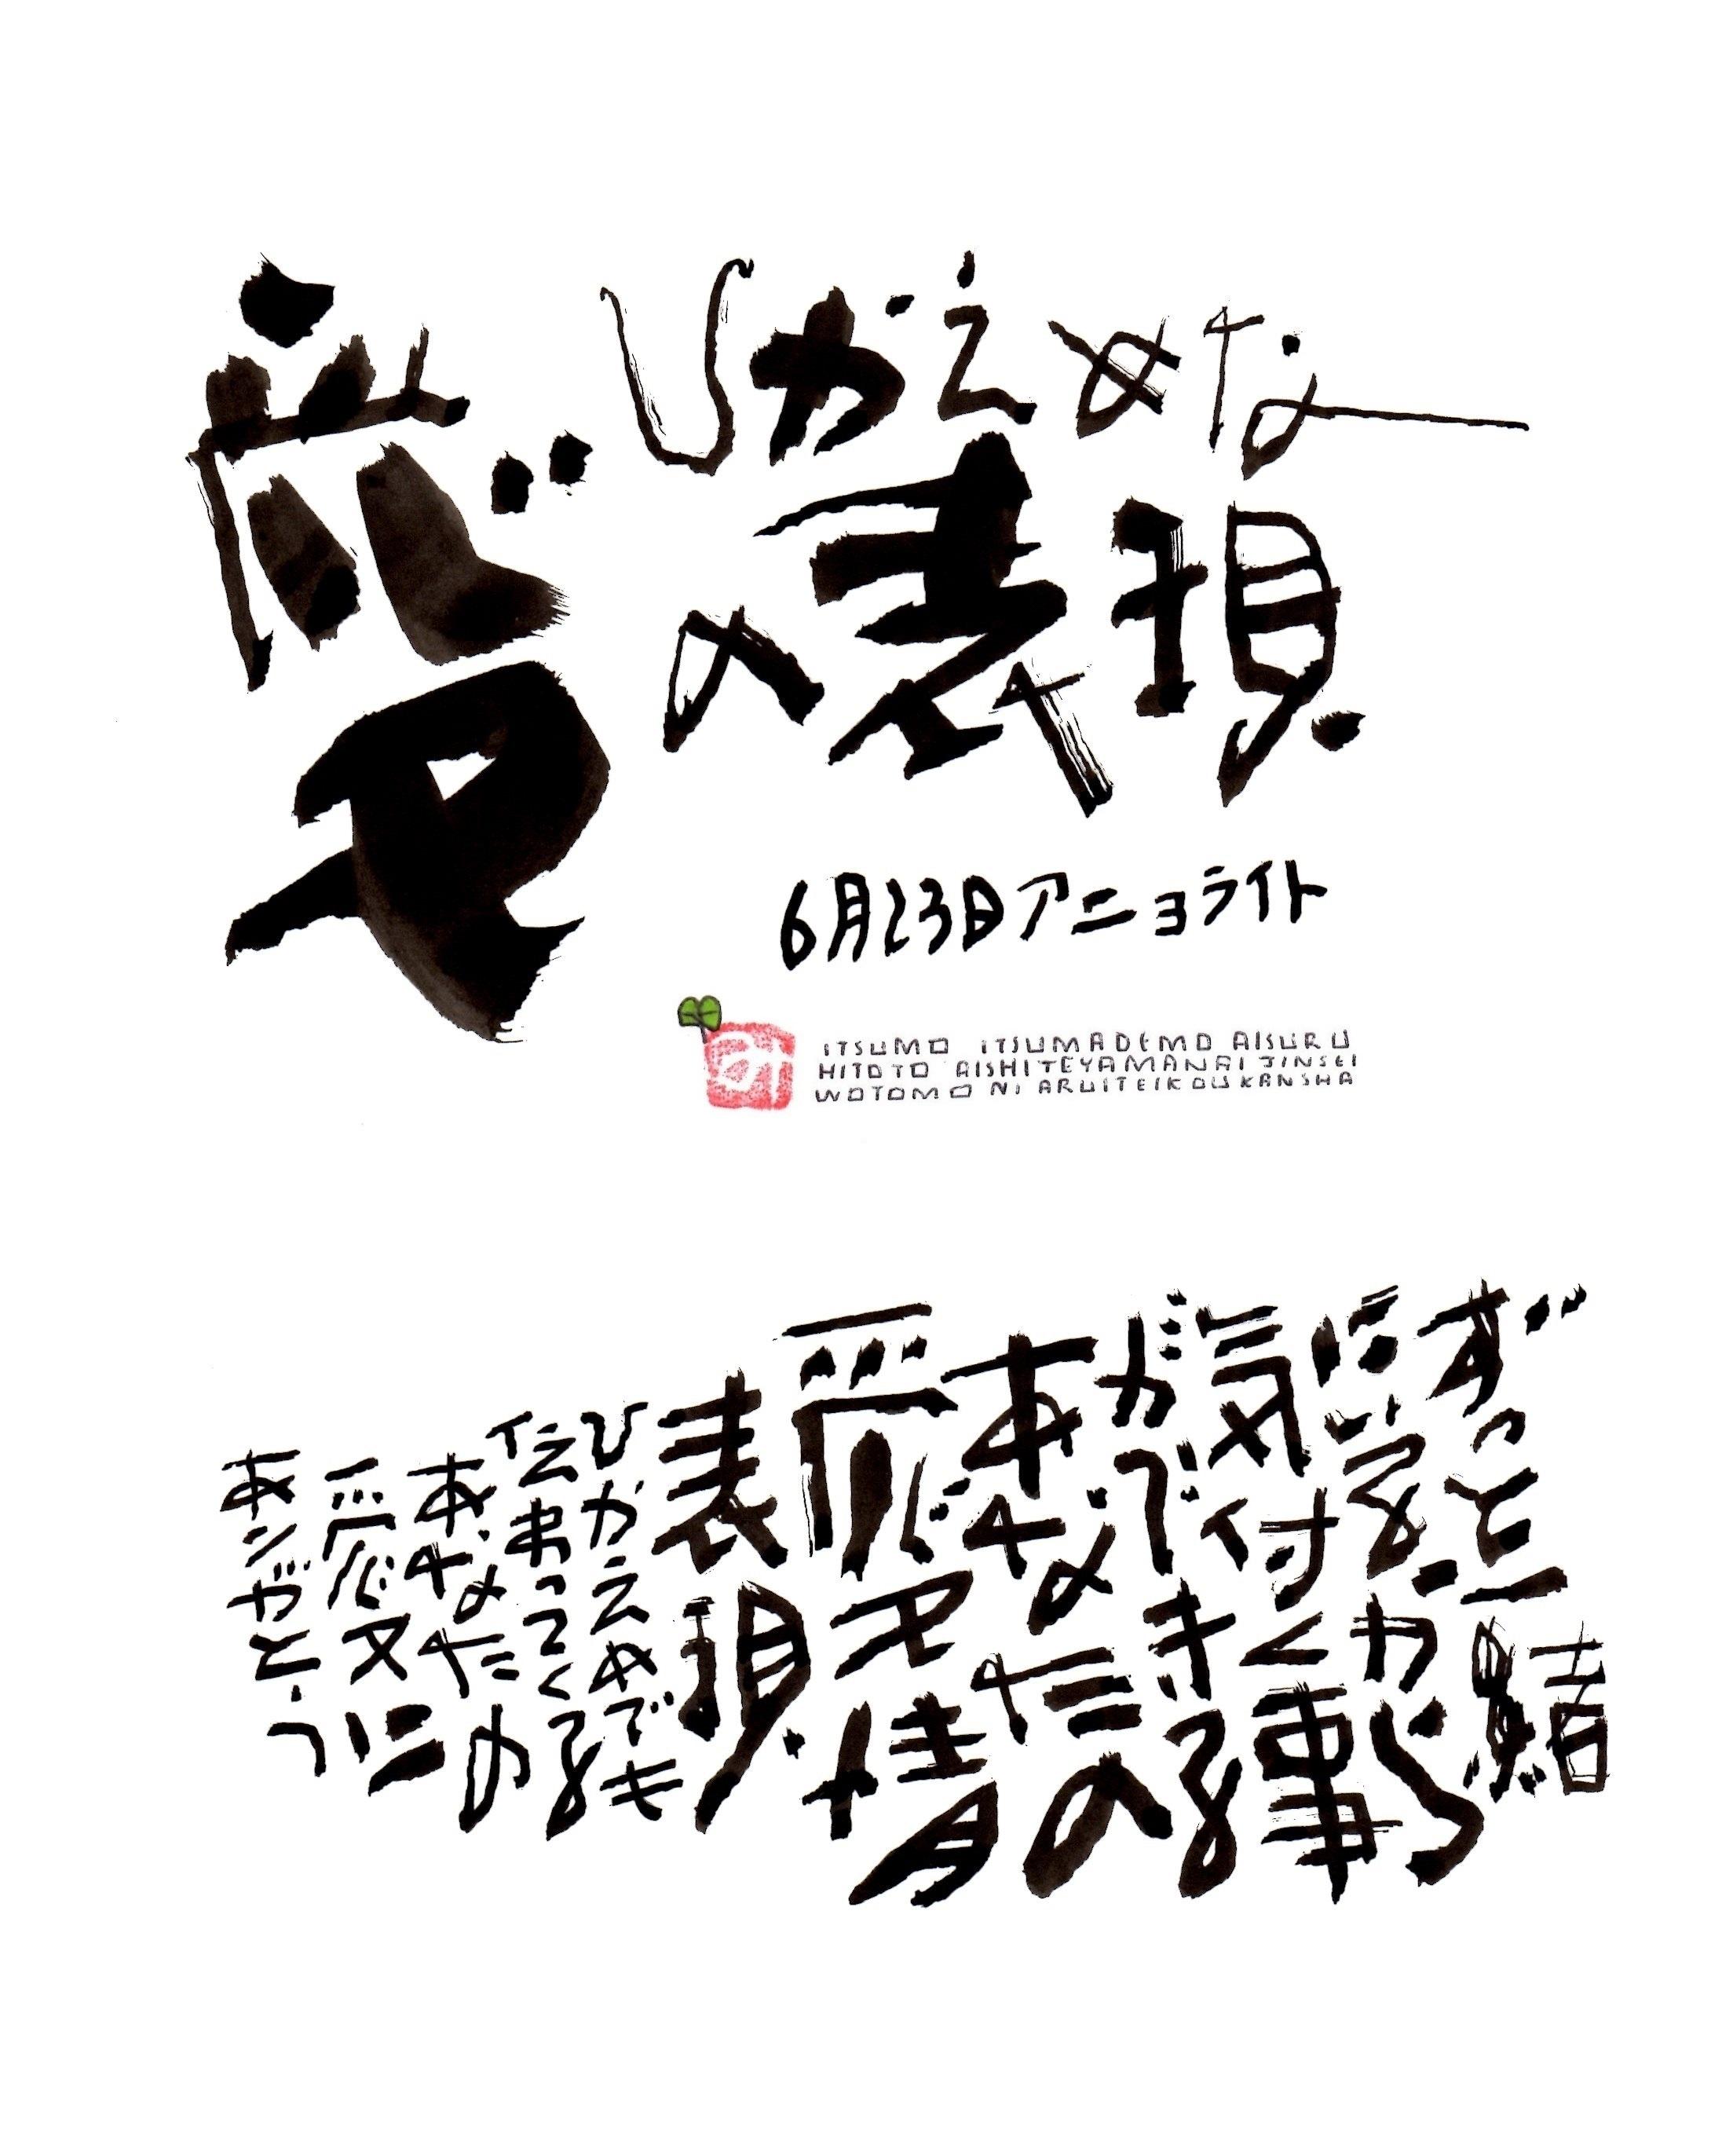 6月23日 結婚記念日ポストカード【ひかえめな愛の表現】